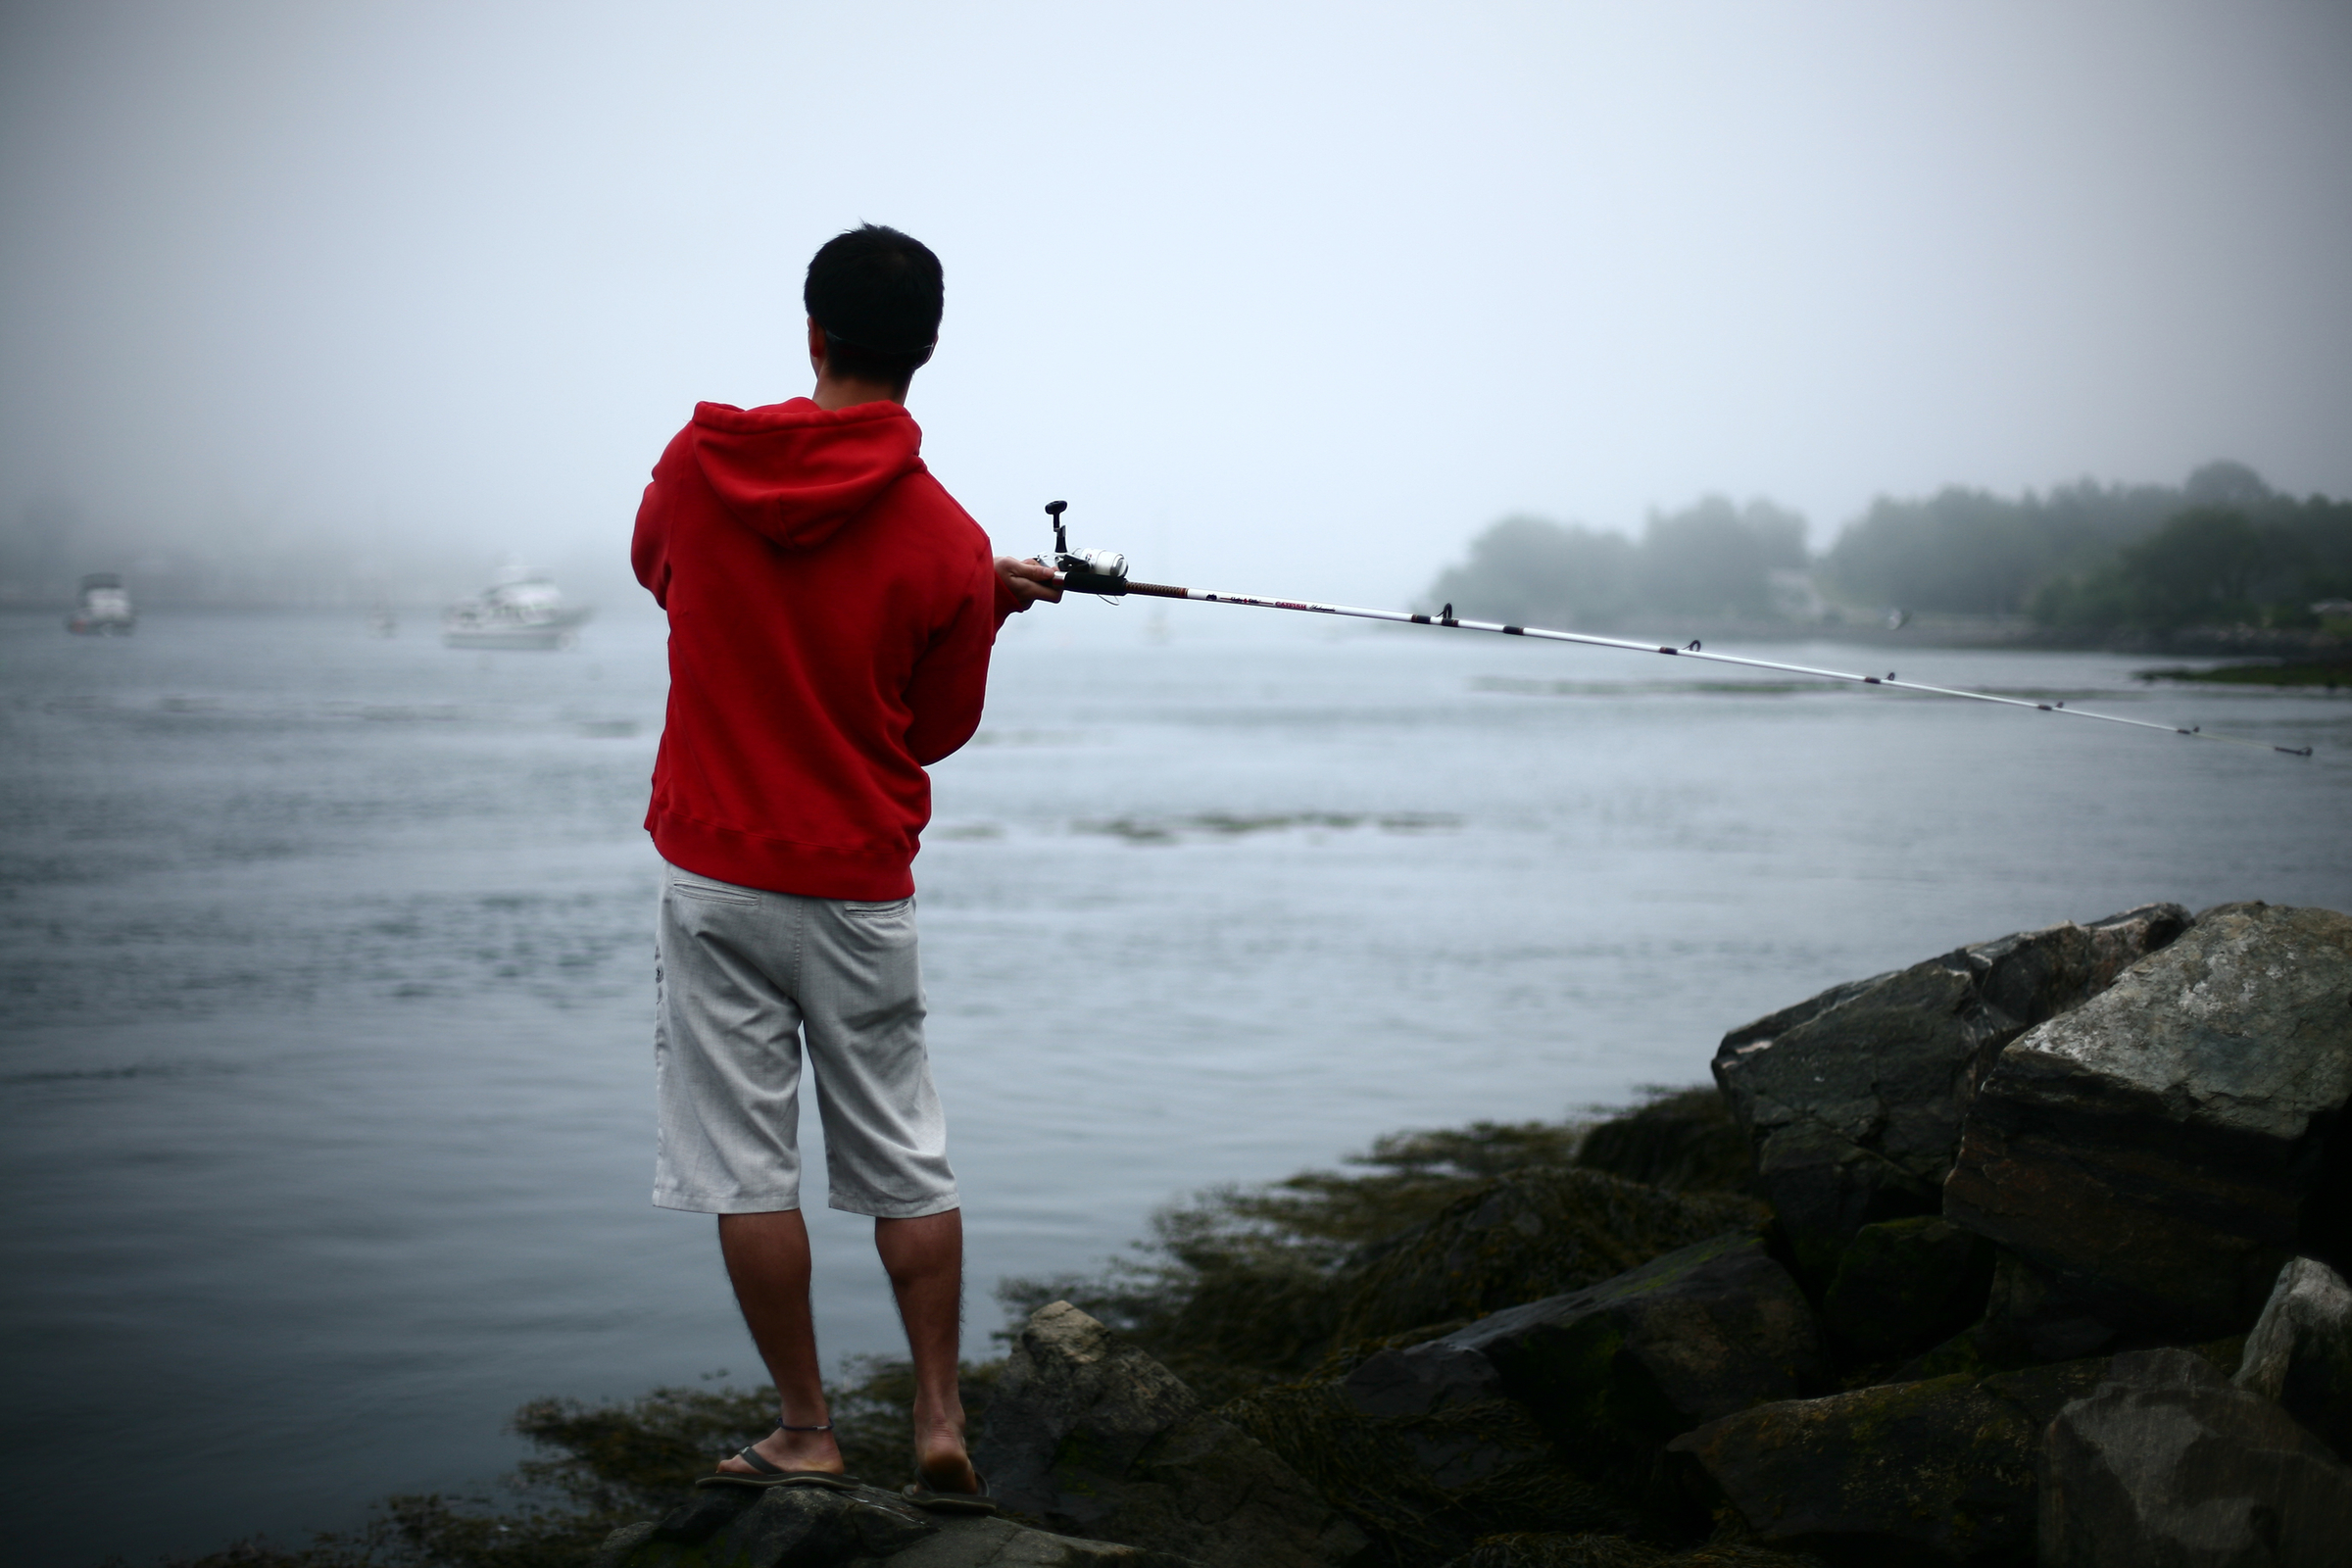 08_6-02-10feature-FishingFogg1.jpg